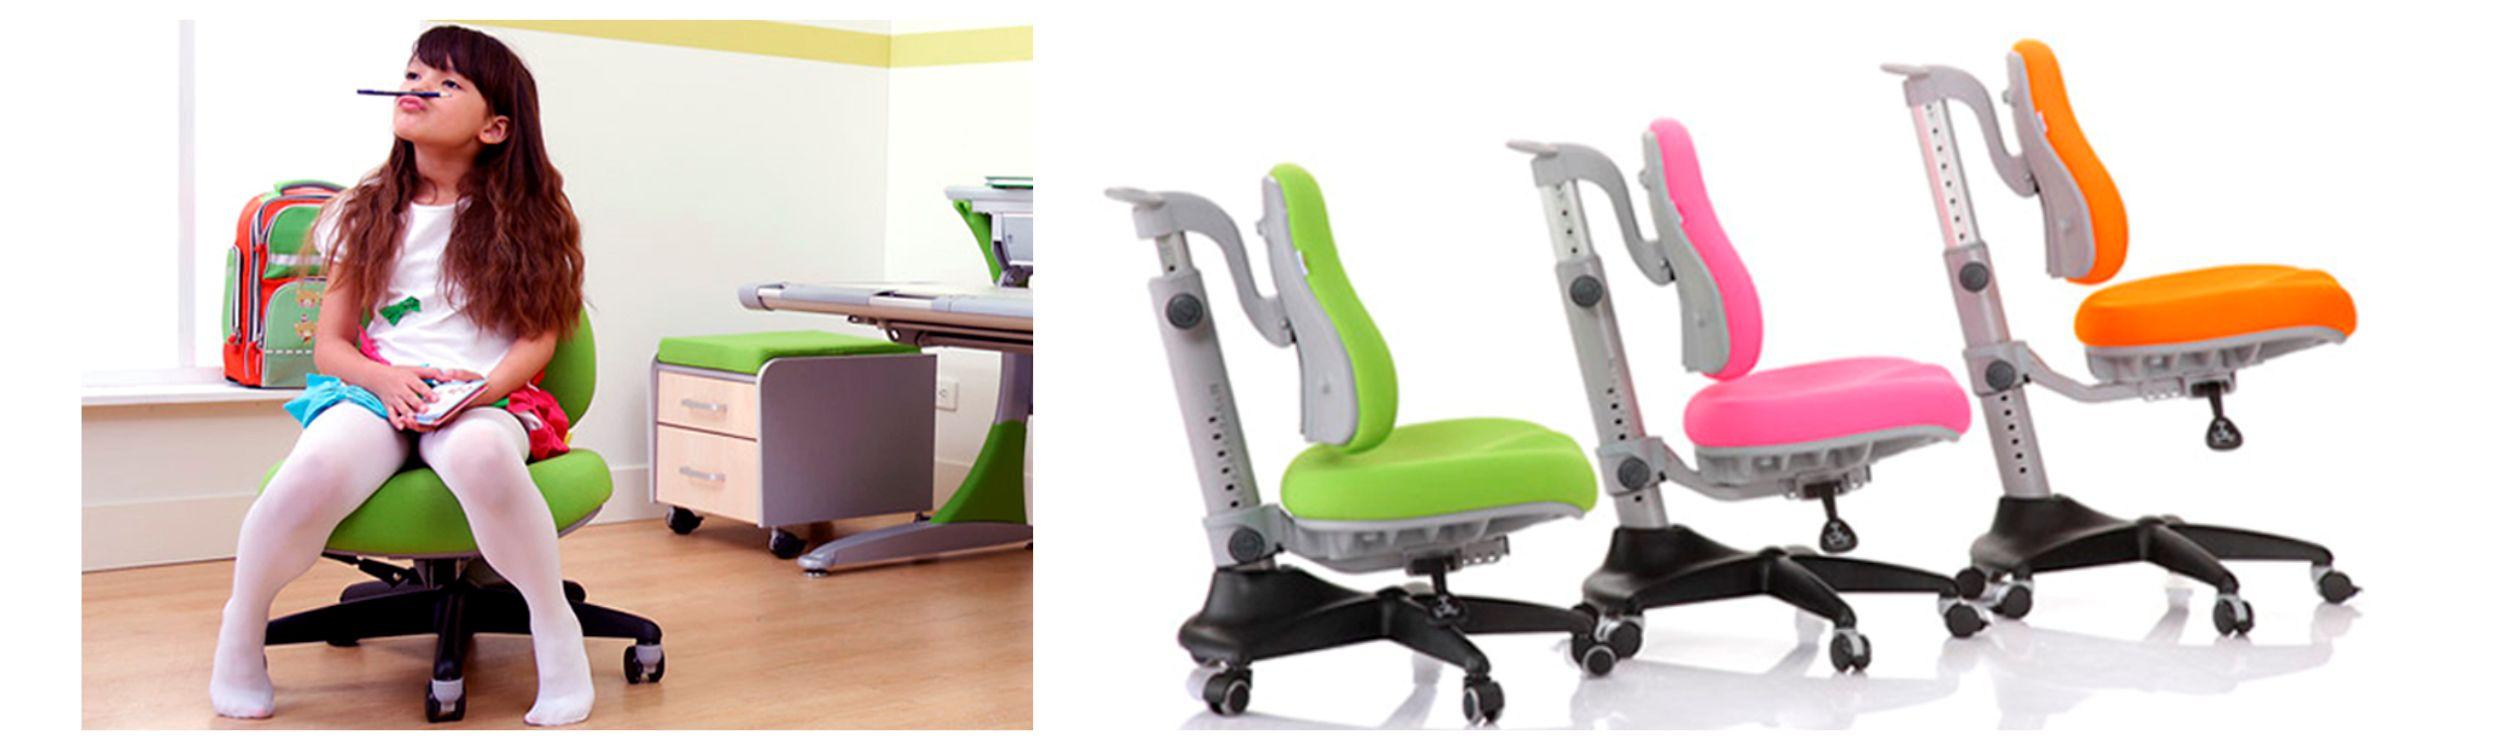 Ортопедические кресла Match для детей